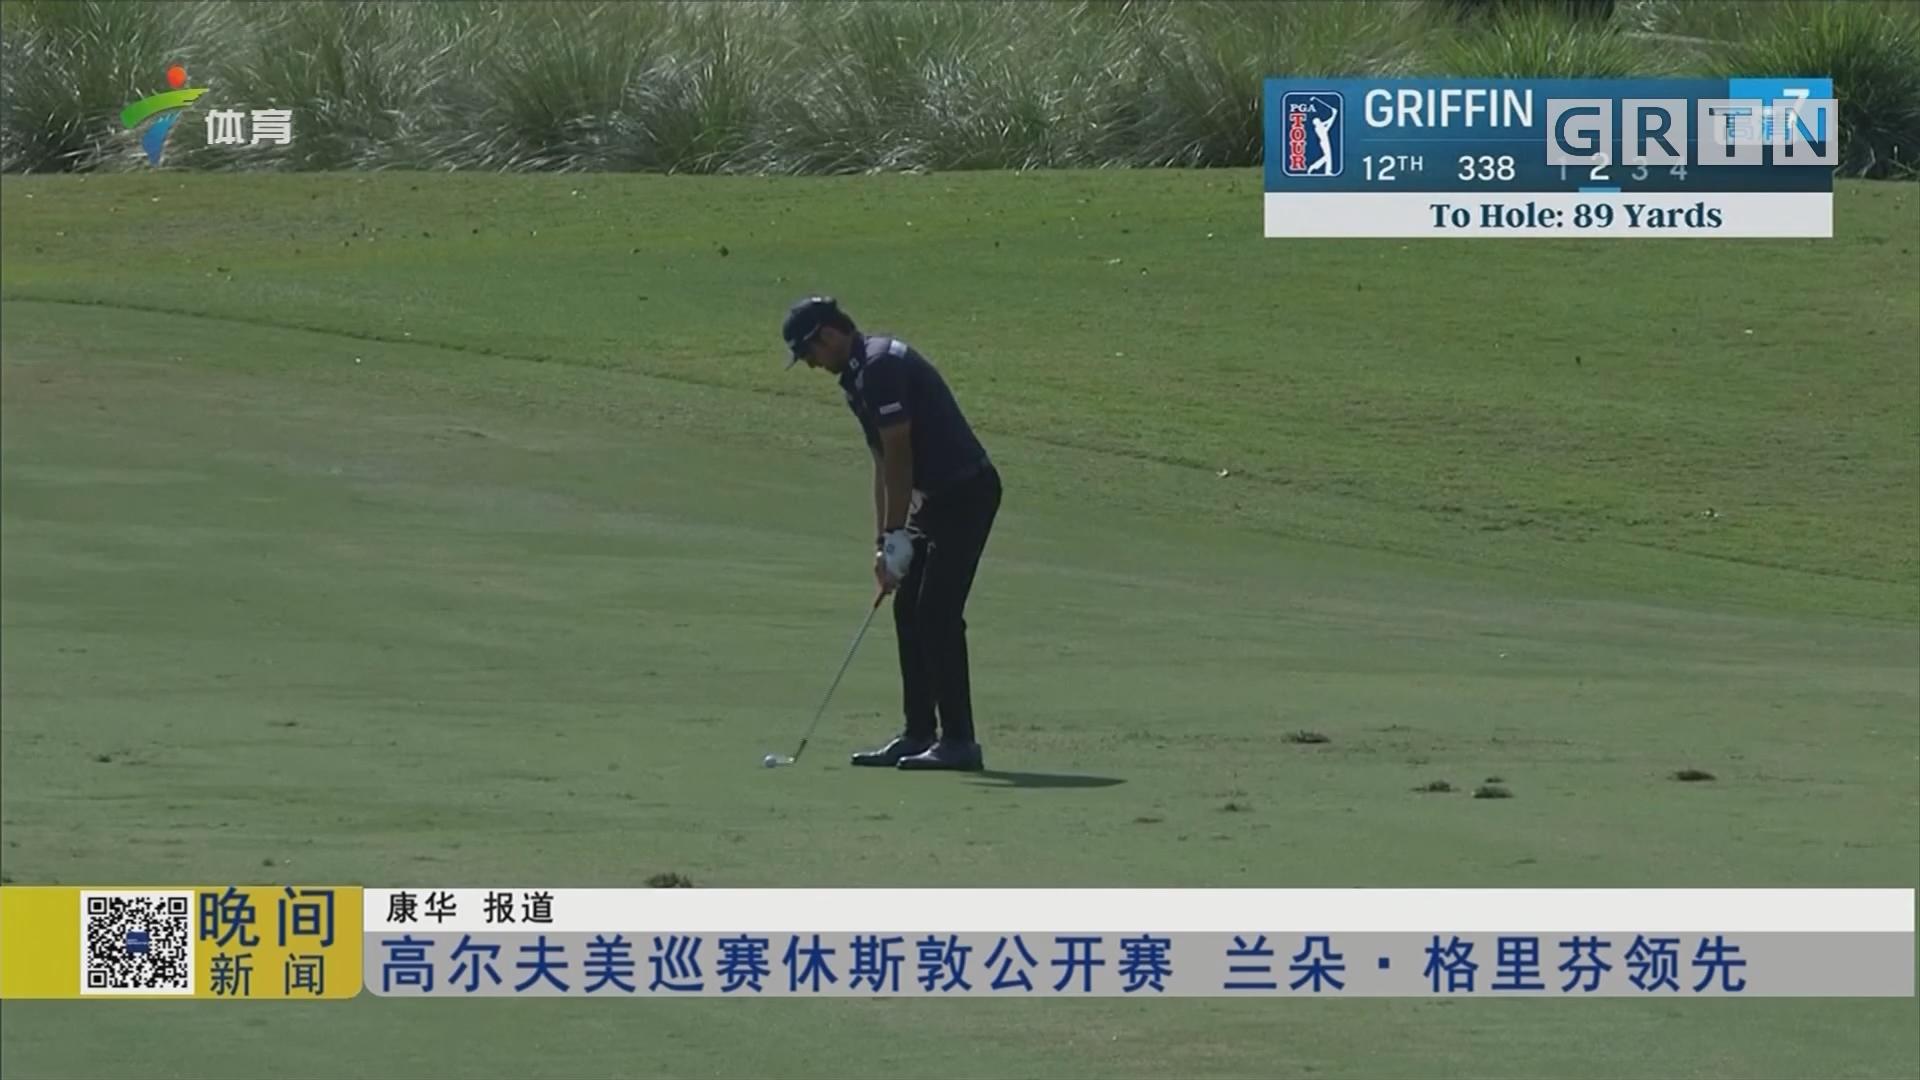 高爾夫美巡賽休斯敦公開賽 蘭朵·格里芬領先